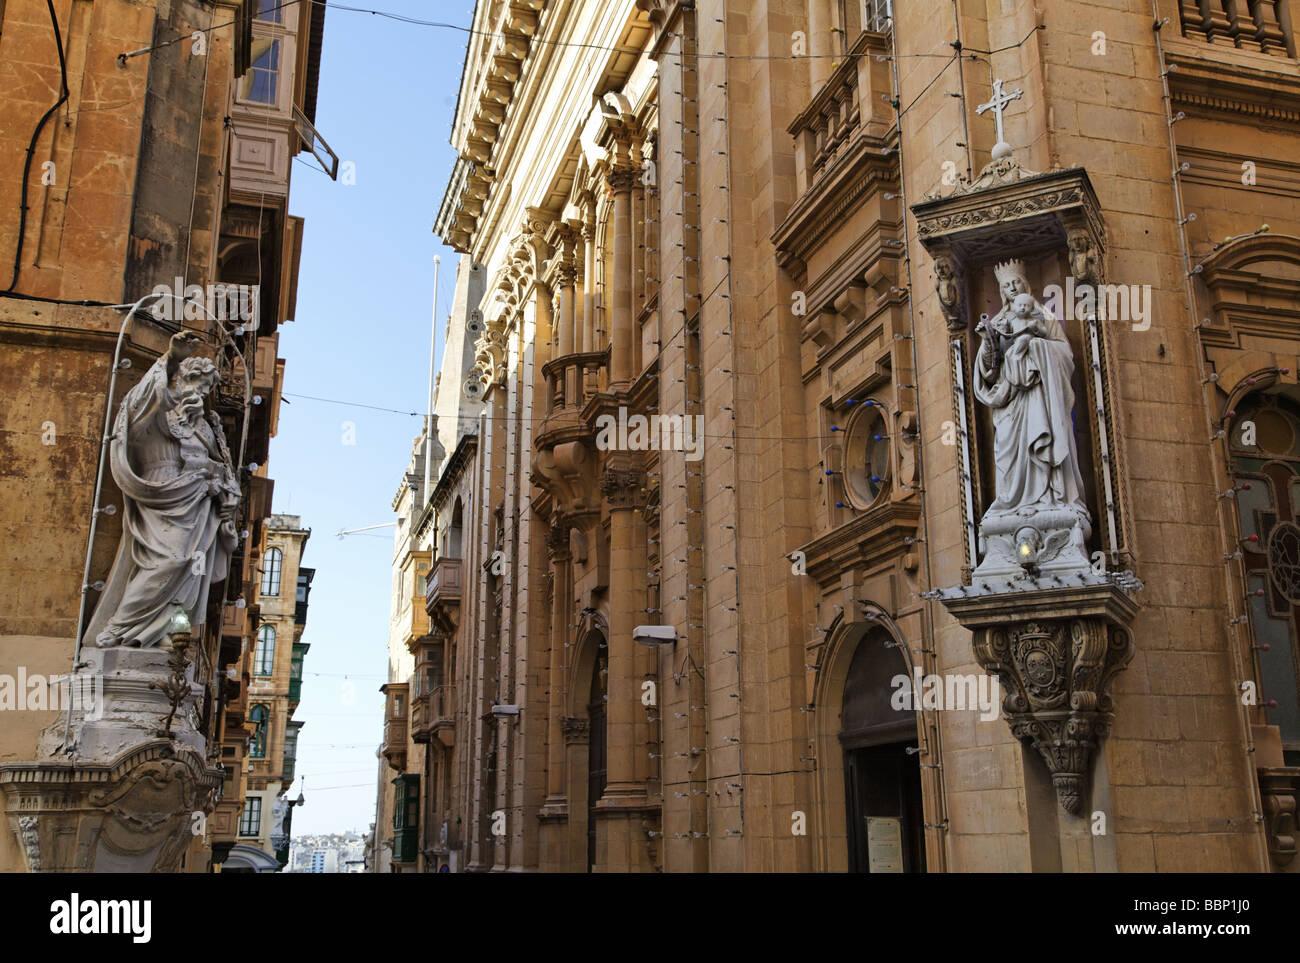 Malta, Valletta, statues of saints - Stock Image